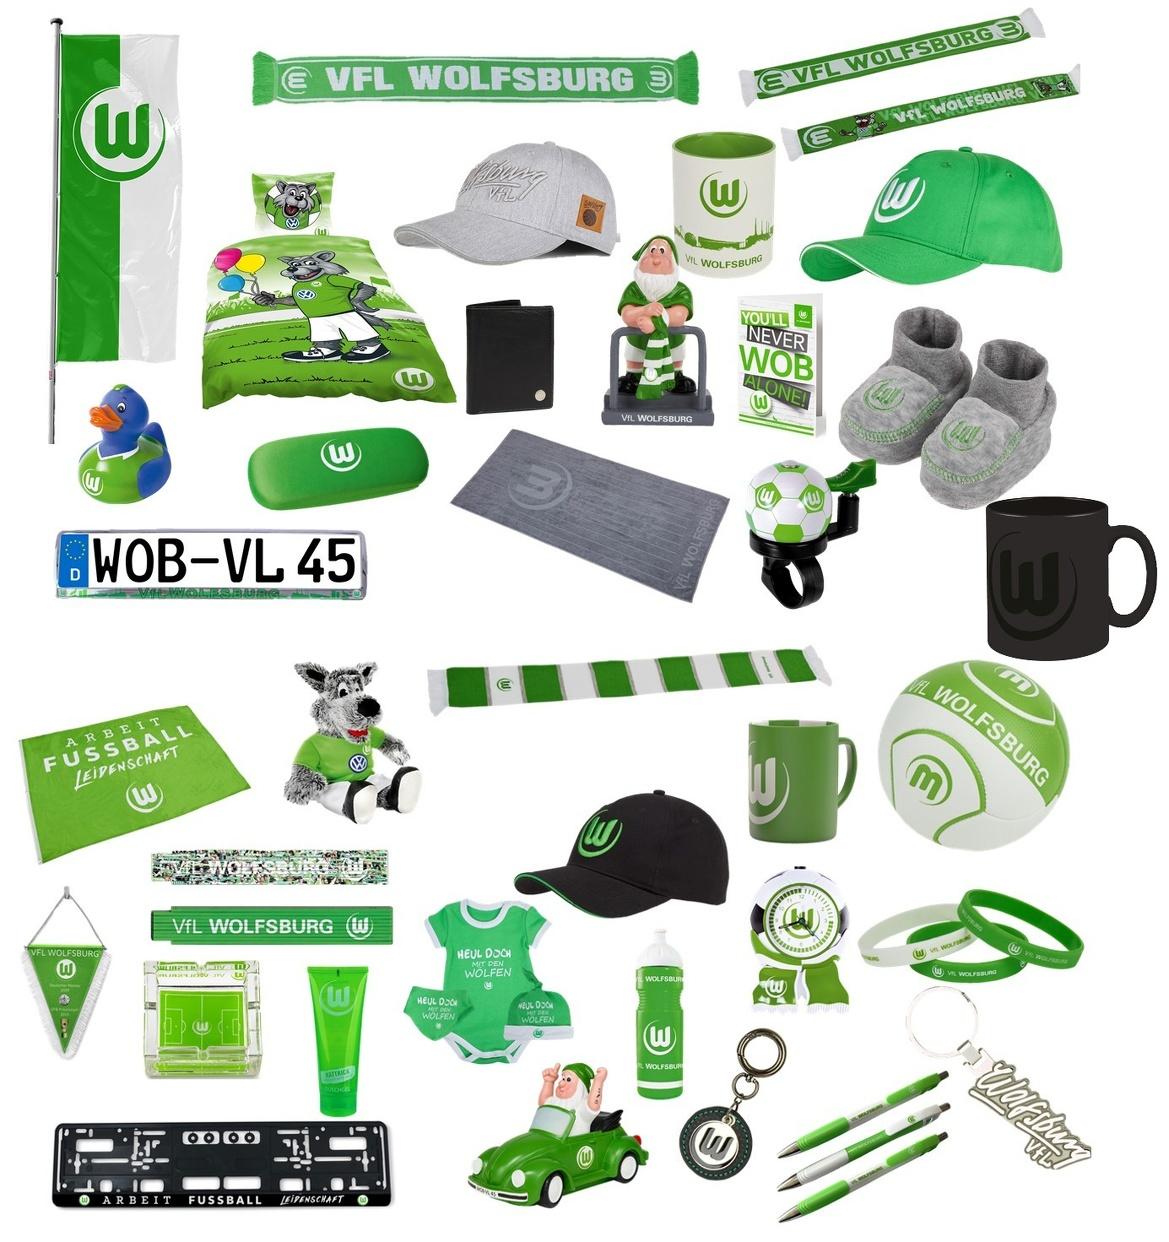 VfL Wolfsburg Freundschaftsarmband 3-er Set